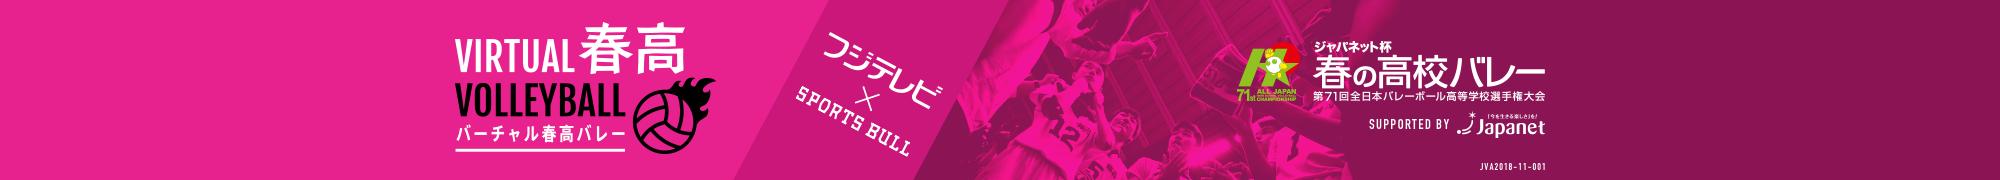 第71回全日本バレーボール高等学校選手権大会 兵庫代表決定戦・女子決勝。序盤から日ノ本学園のエース山崎が175cmの高さを活かしたスパイクで得点を重ねると、さらに横谷や田村のコン…